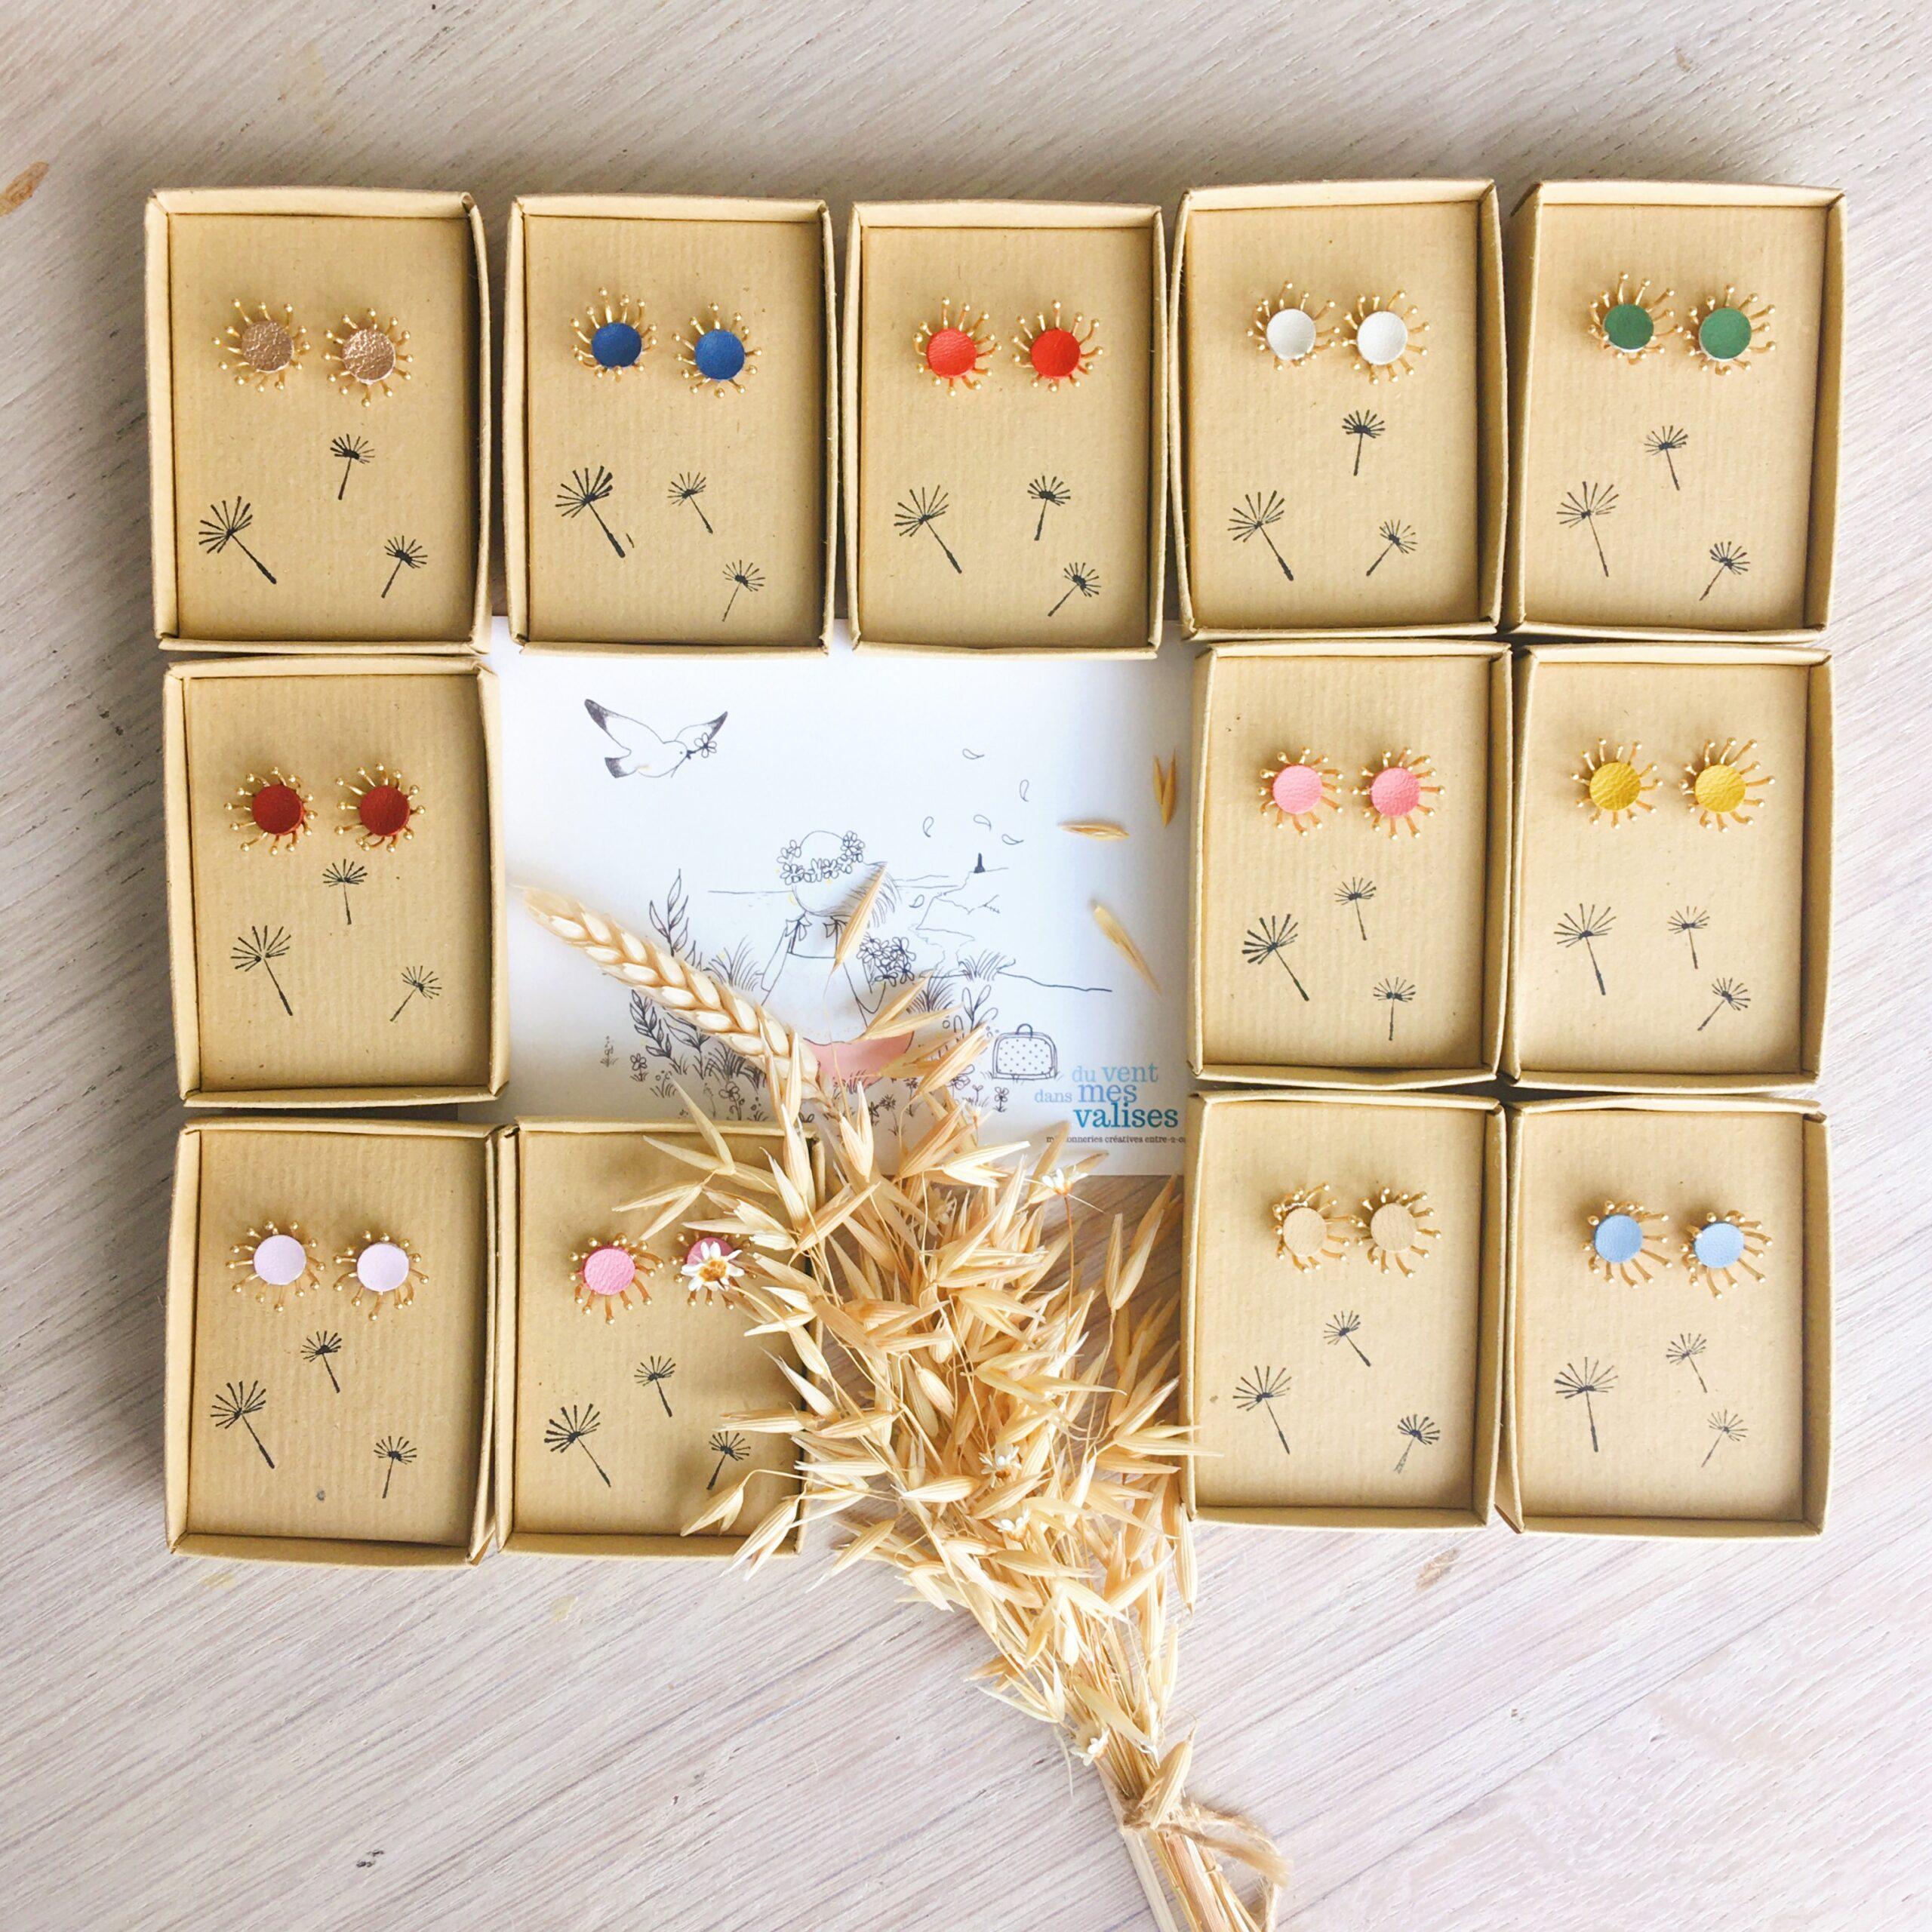 bijoux d'oreilles les fleurs du vent made in France - du vent dans mes valises